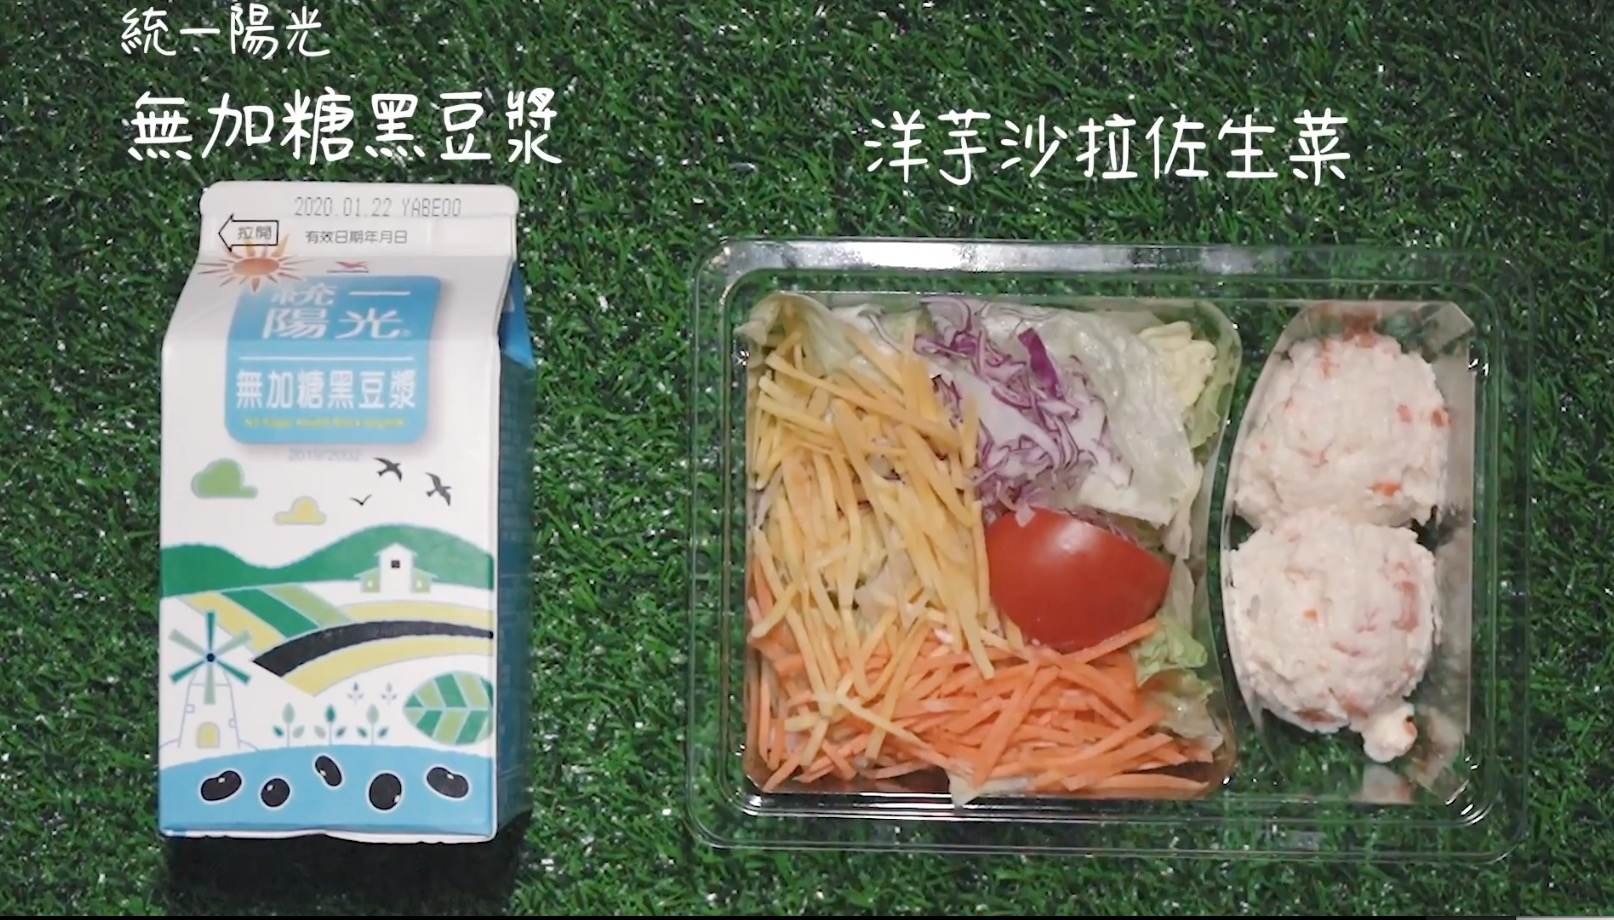 下午茶吃飽吃巧又減負擔。搭配組合:超商洋芋沙拉佐生菜、無糖黑豆漿